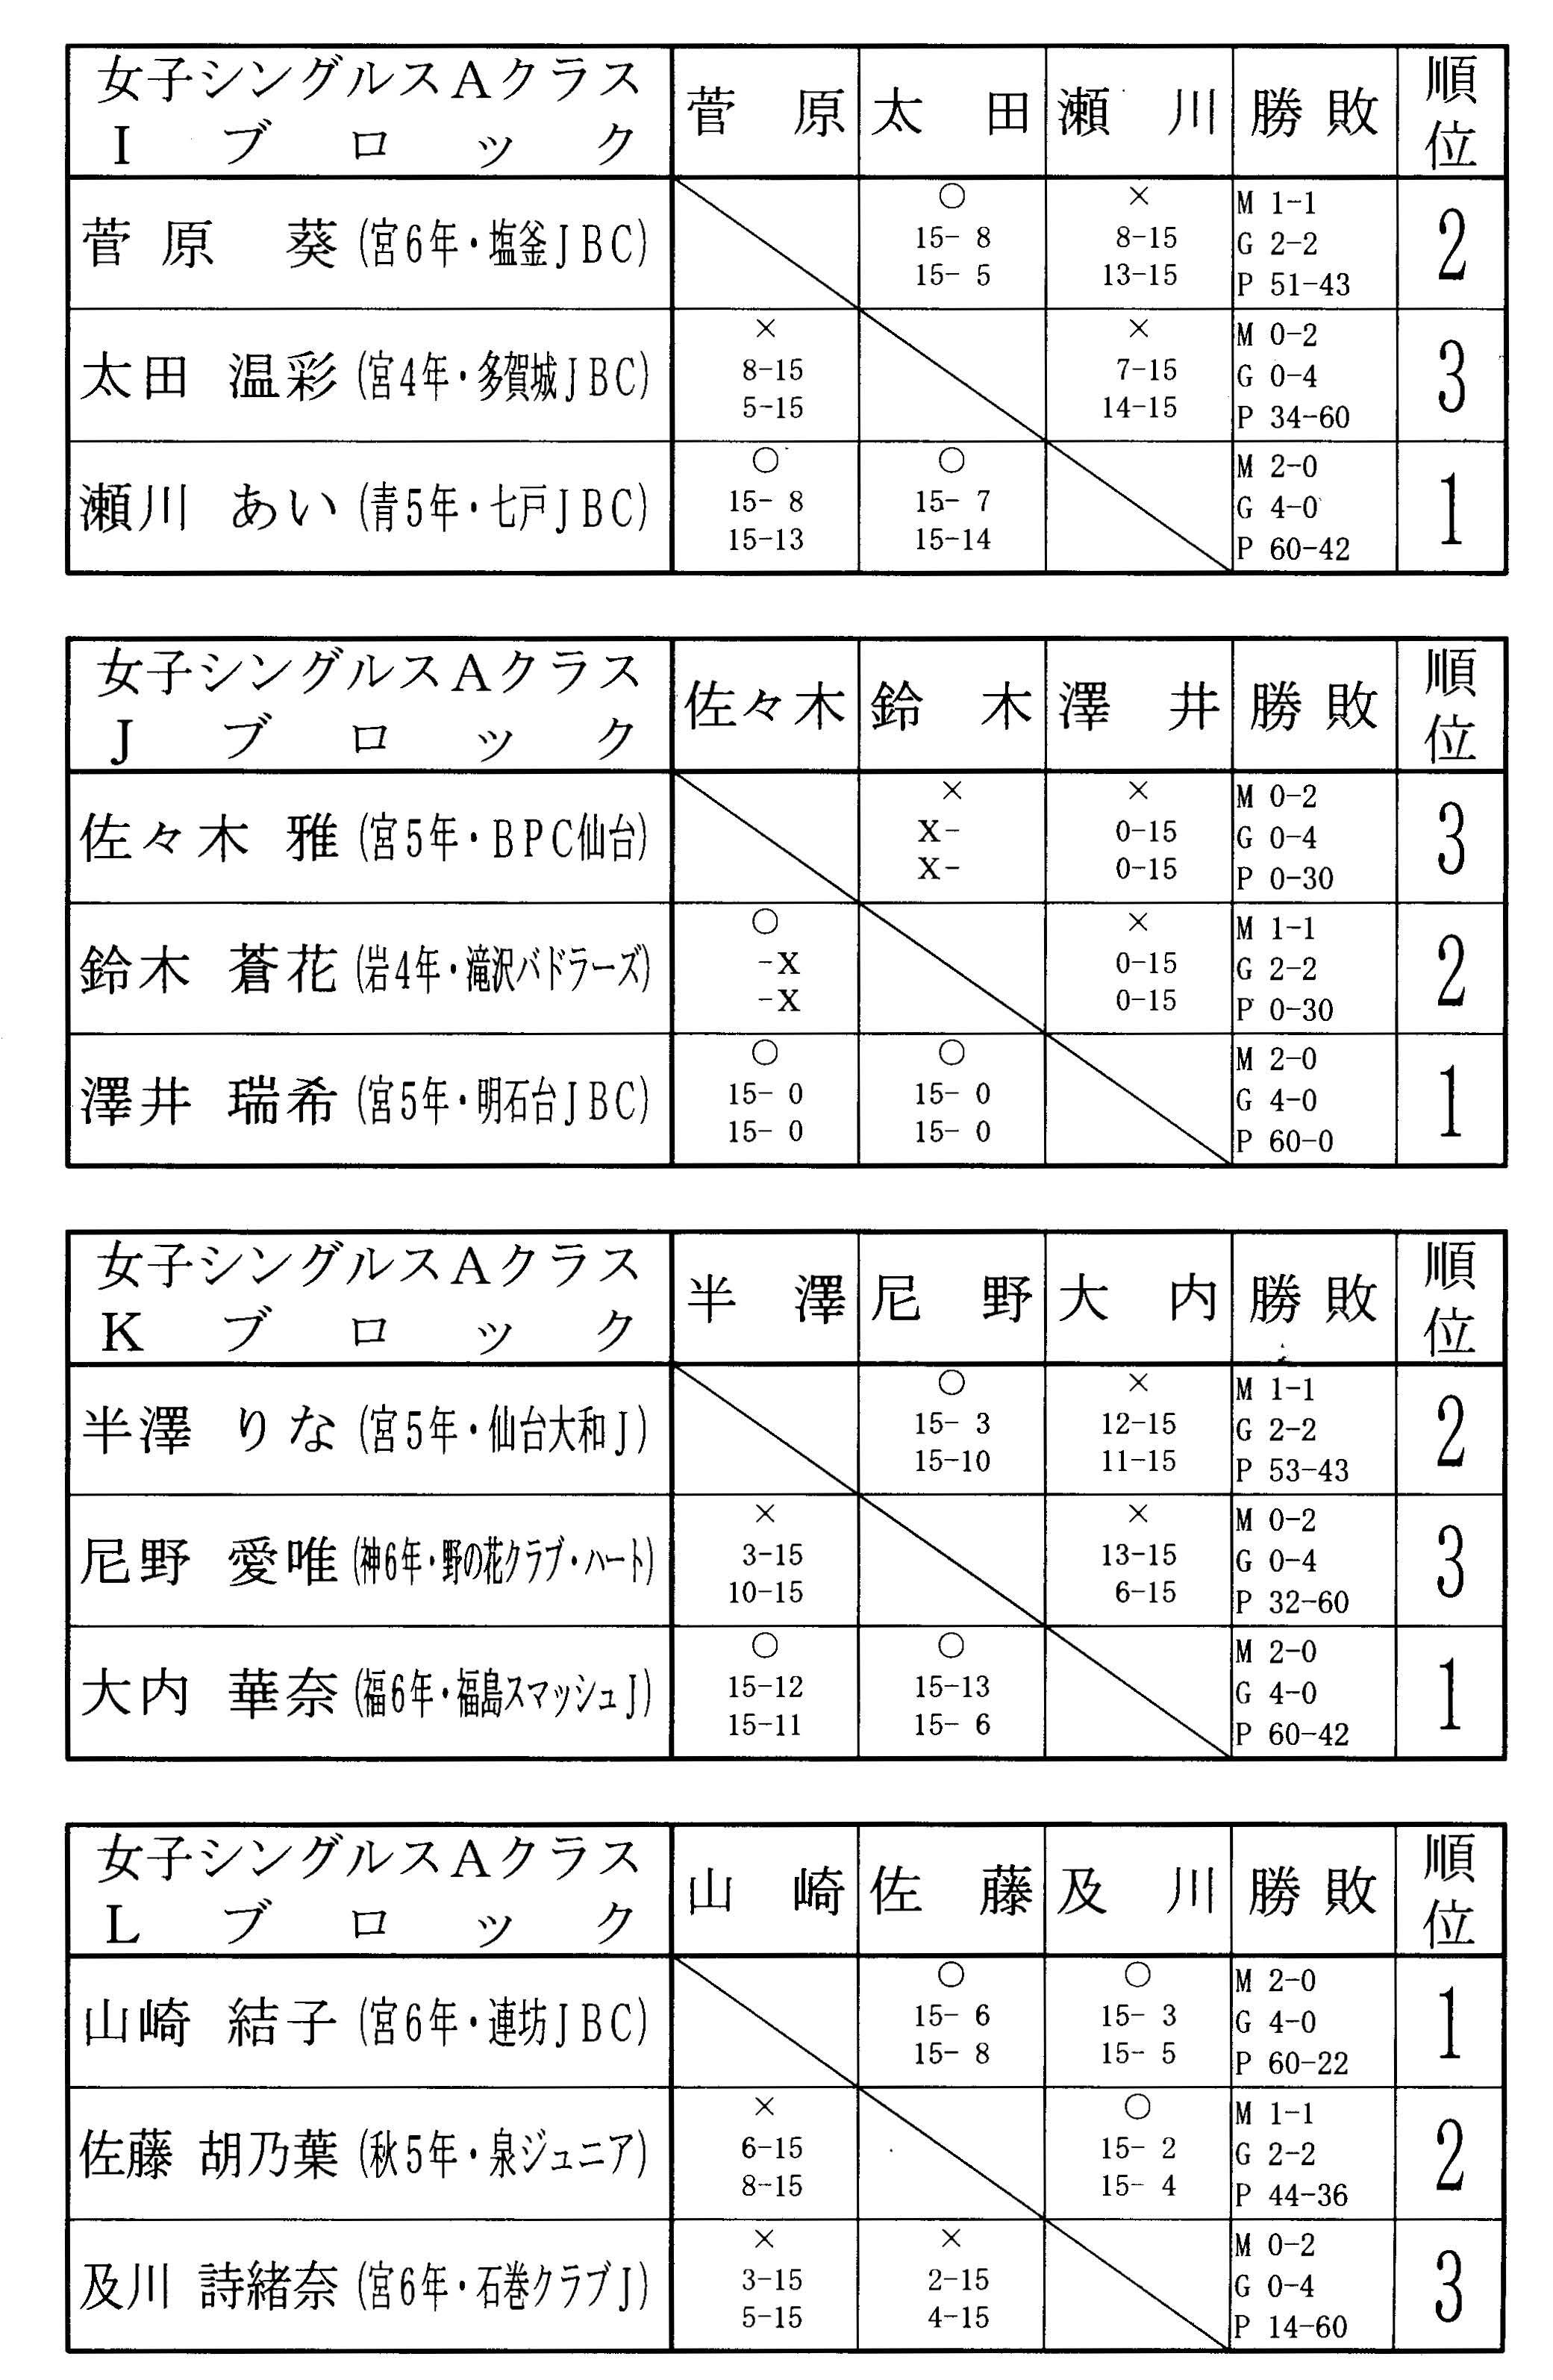 第9回タカハシ杯 結果女子シングルスAクラス_f0236646_15334519.jpg